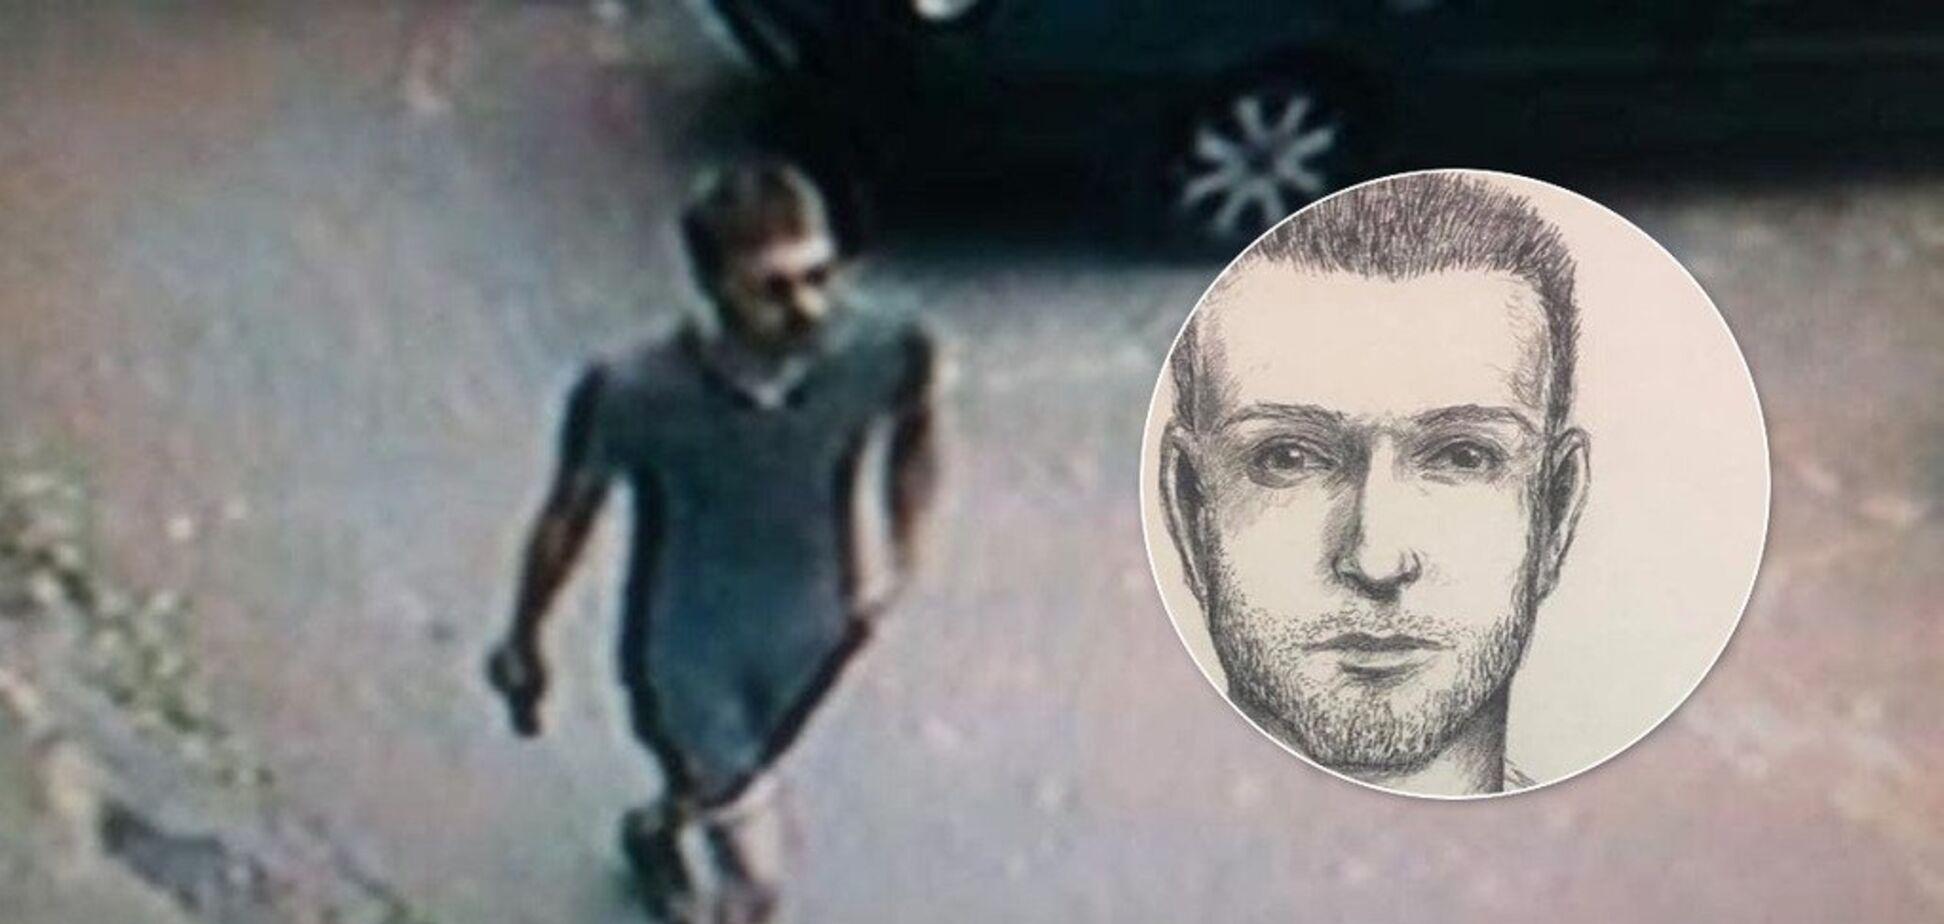 В Киеве педофил напал на ребенка в подъезде: фото мерзавца